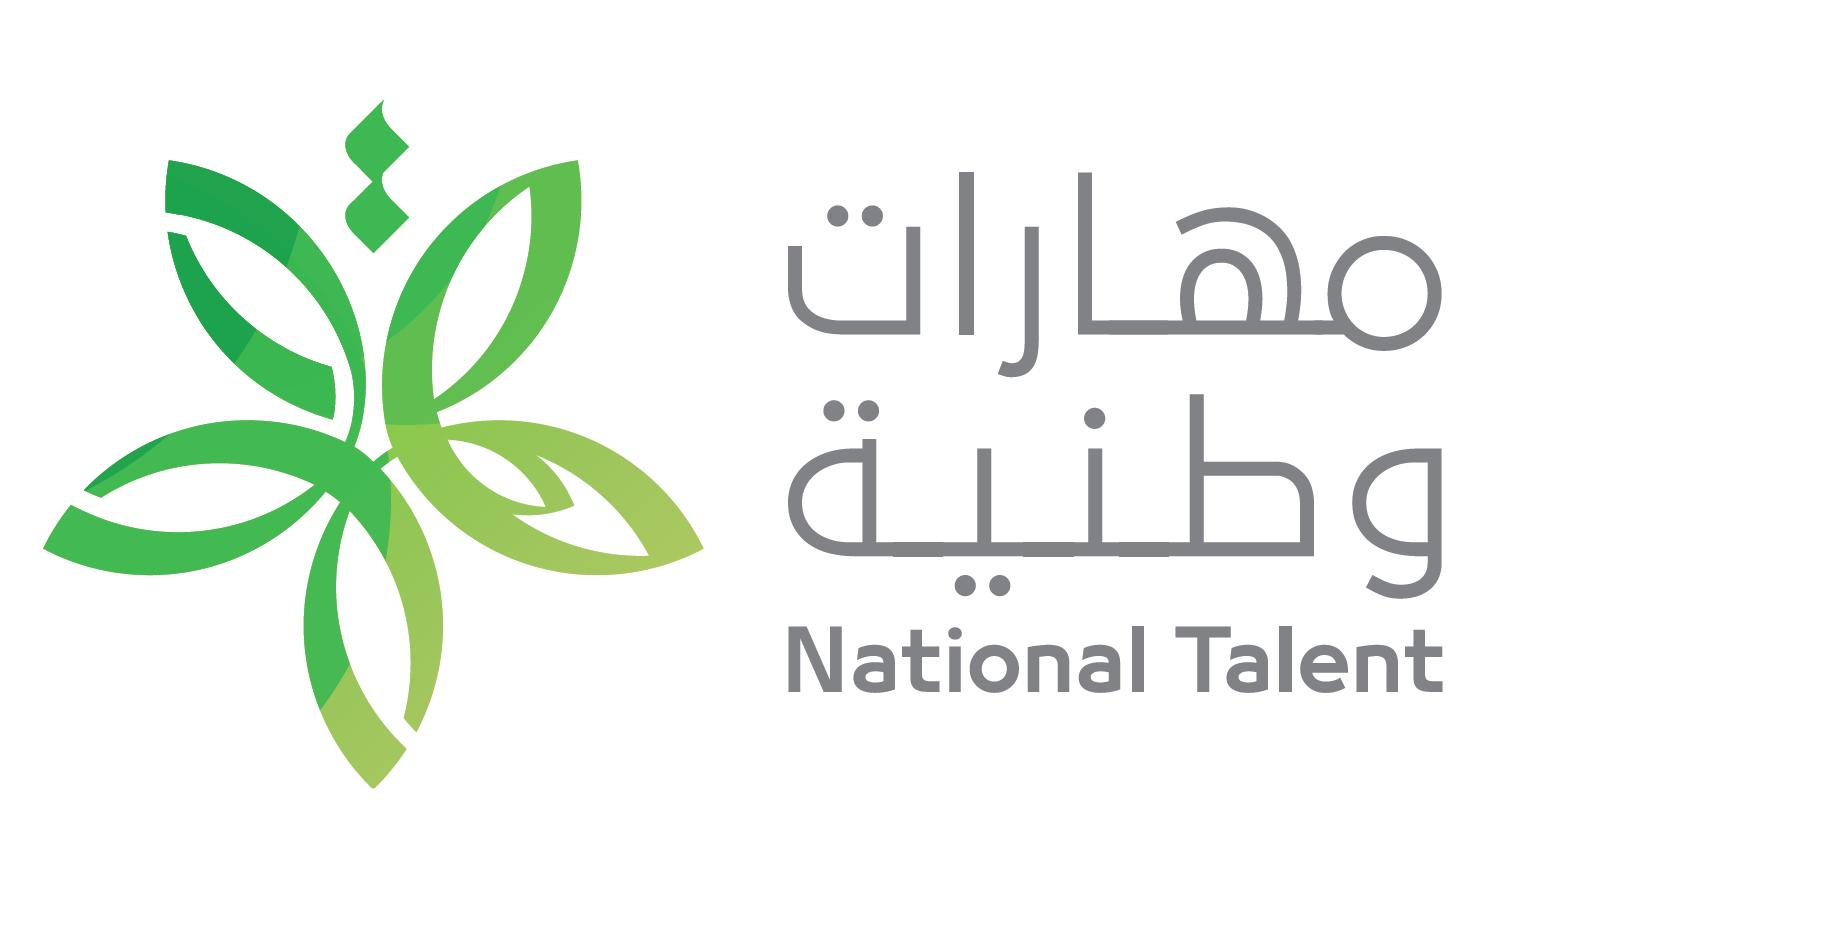 National Talent KSA